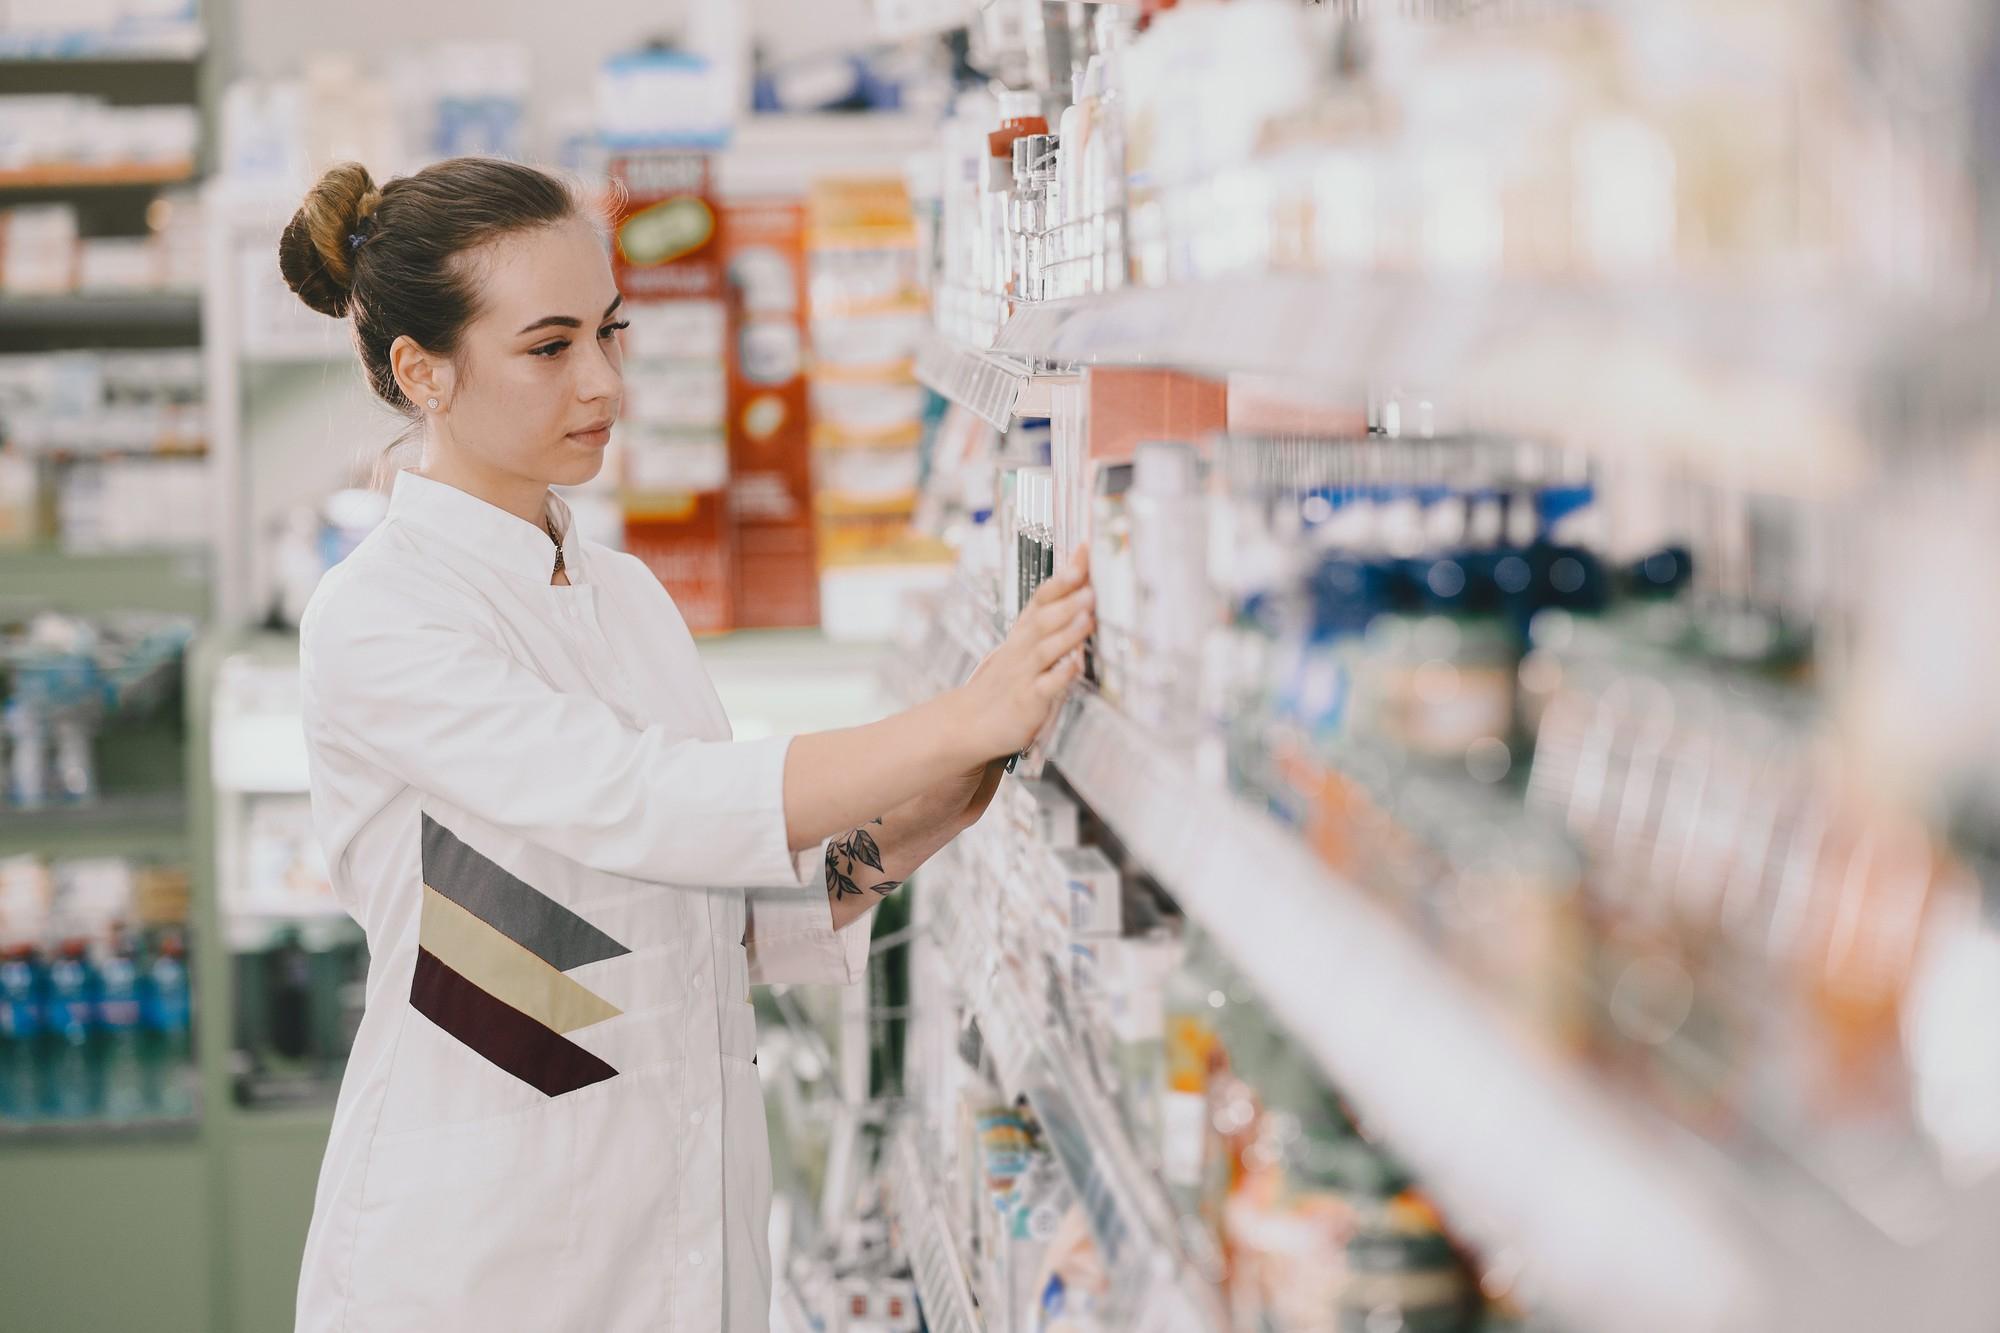 Farmacêutica escolhendo medicamento importado em prateleira